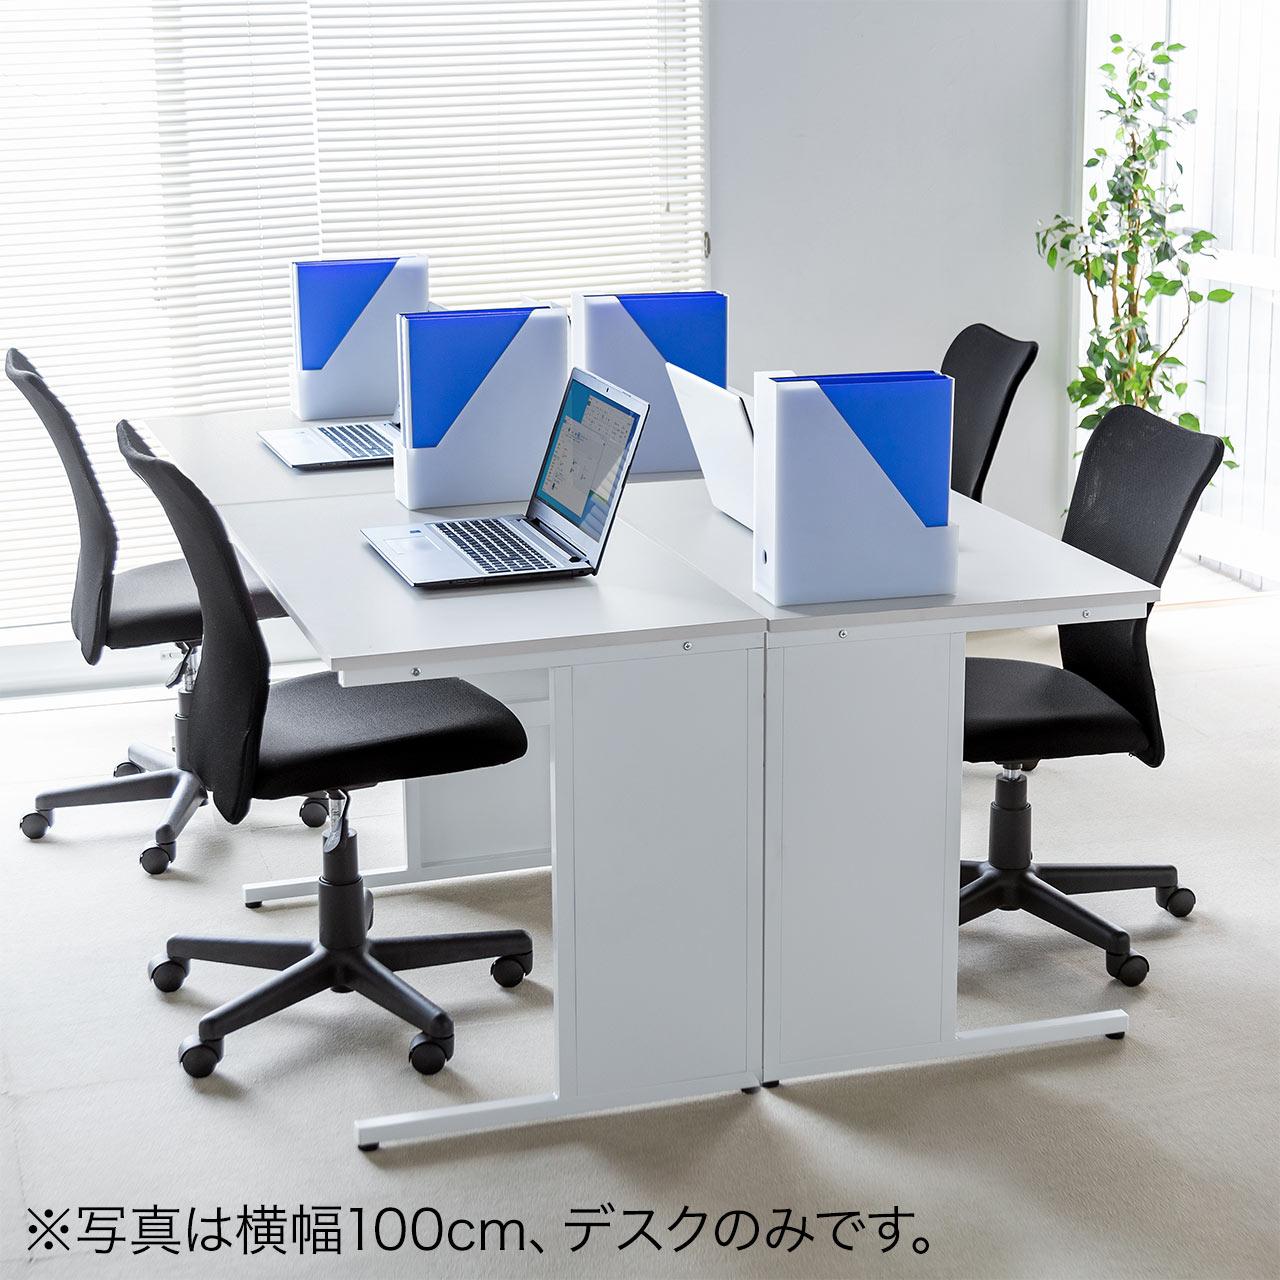 スチールデスク オフィスデスク 平机 パソコンデスク 事務机 ホワイト W1200mm D600 ホワイト